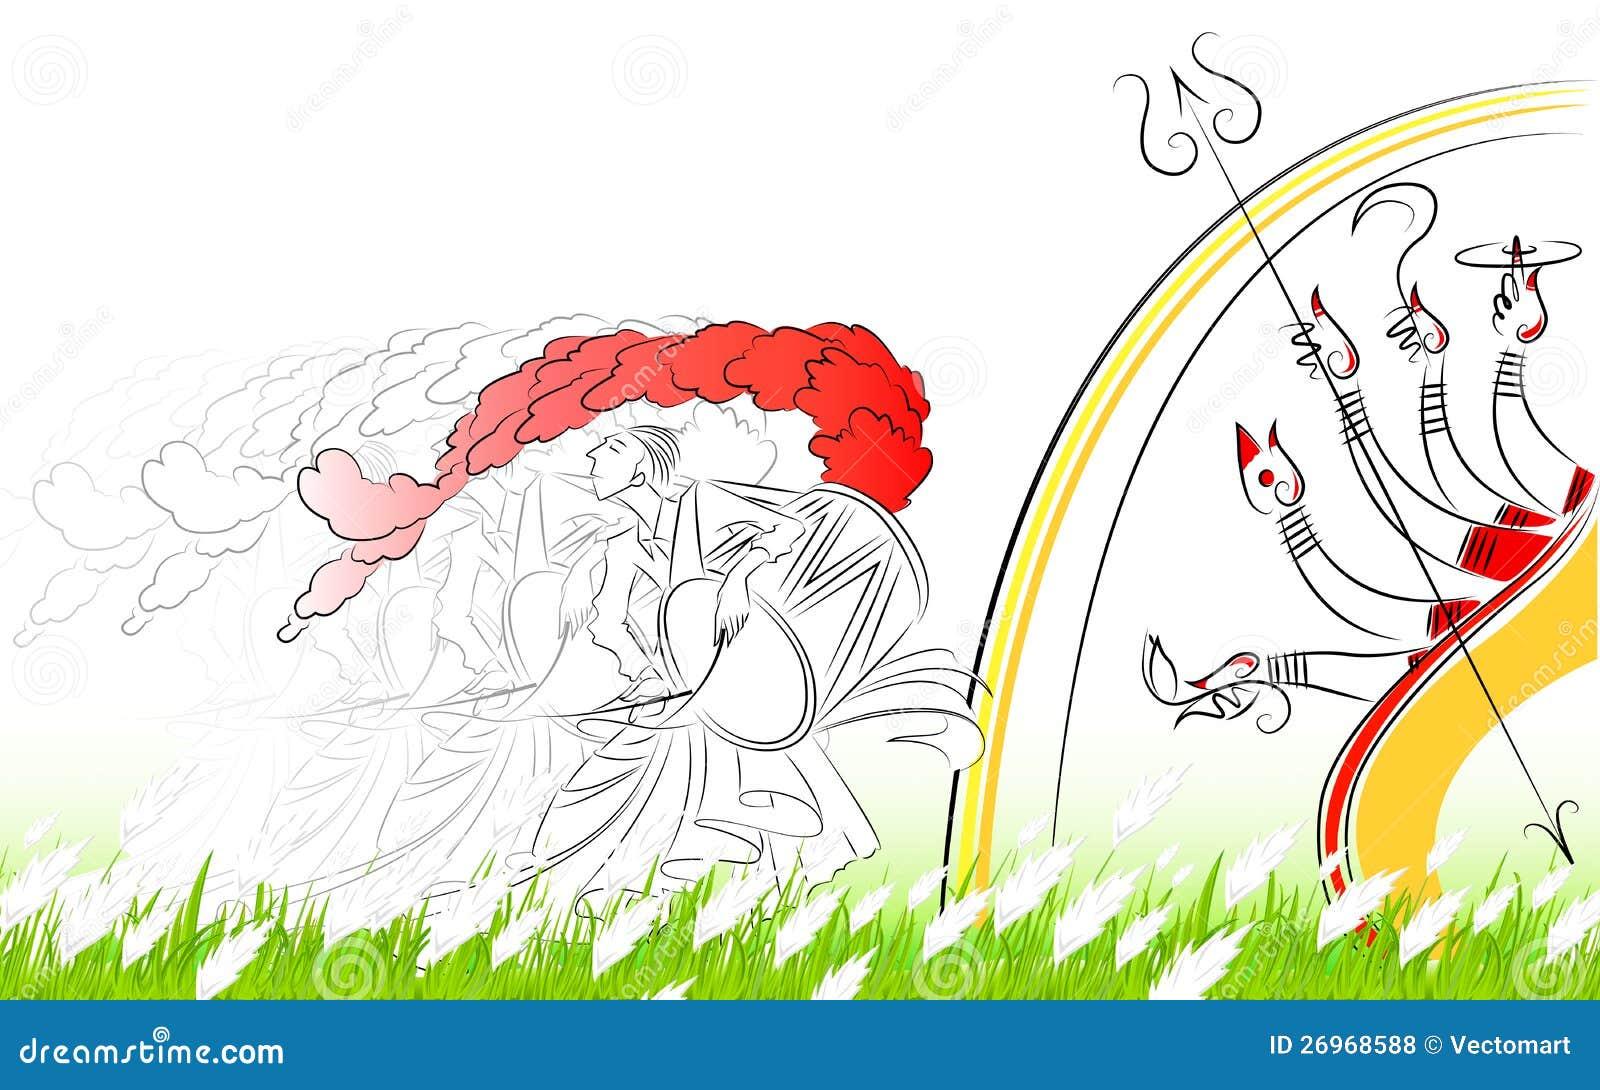 Durga puja stock vector illustration of bengal equipment 26968588 durga puja altavistaventures Gallery